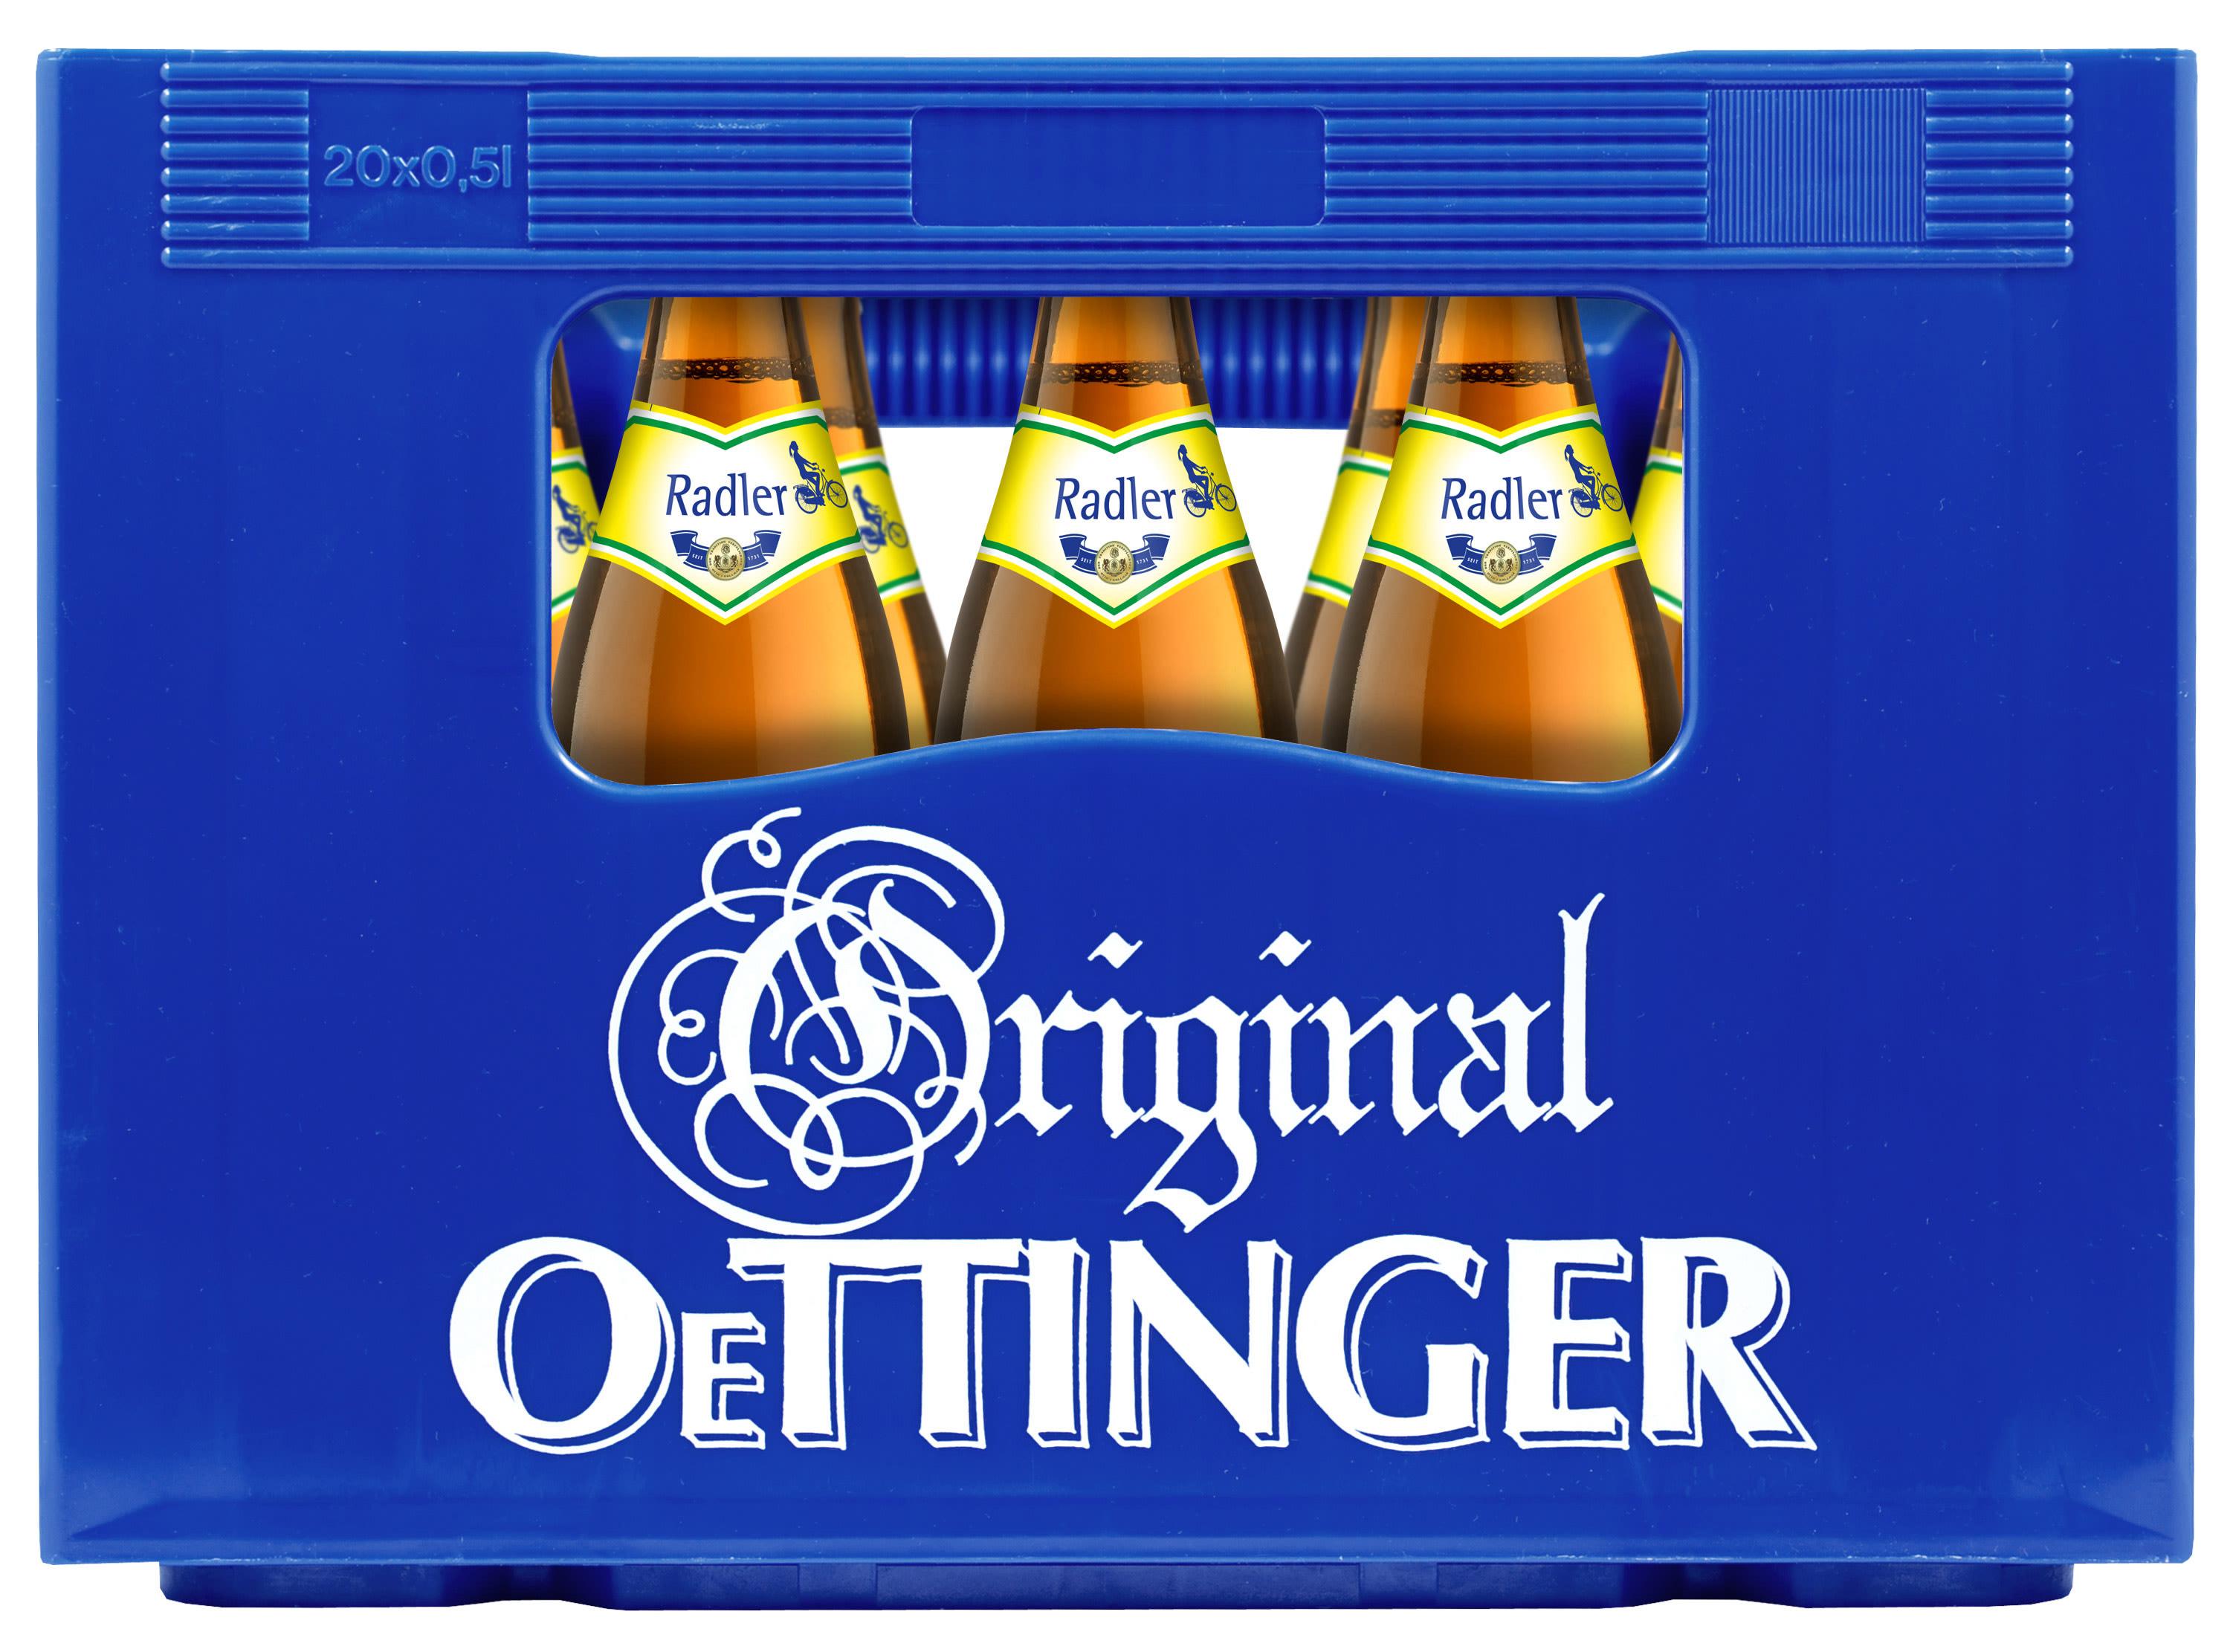 Oettinger Radler Kasten für 1,48€ [Kaufland] lokal Teltow Bier